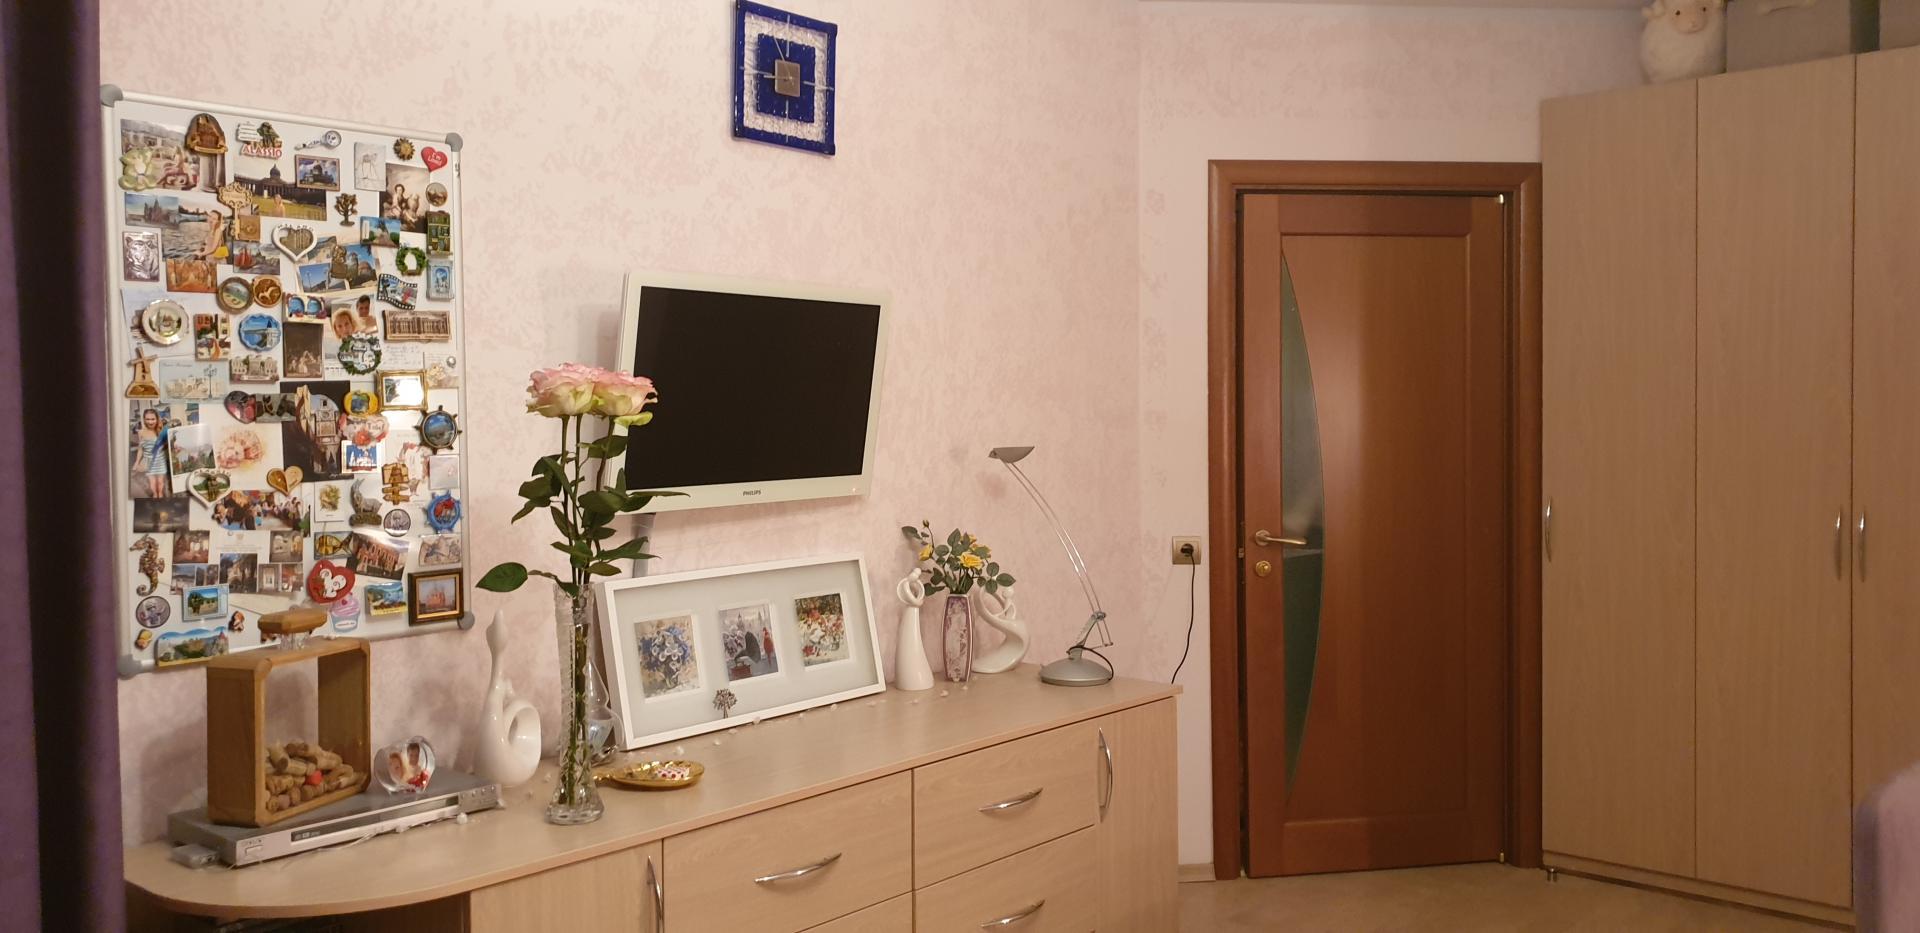 Продам 4-комн. квартиру по адресу Россия, Москва и Московская область, Москва, Азовская улица, 24к1 фото 7 по выгодной цене